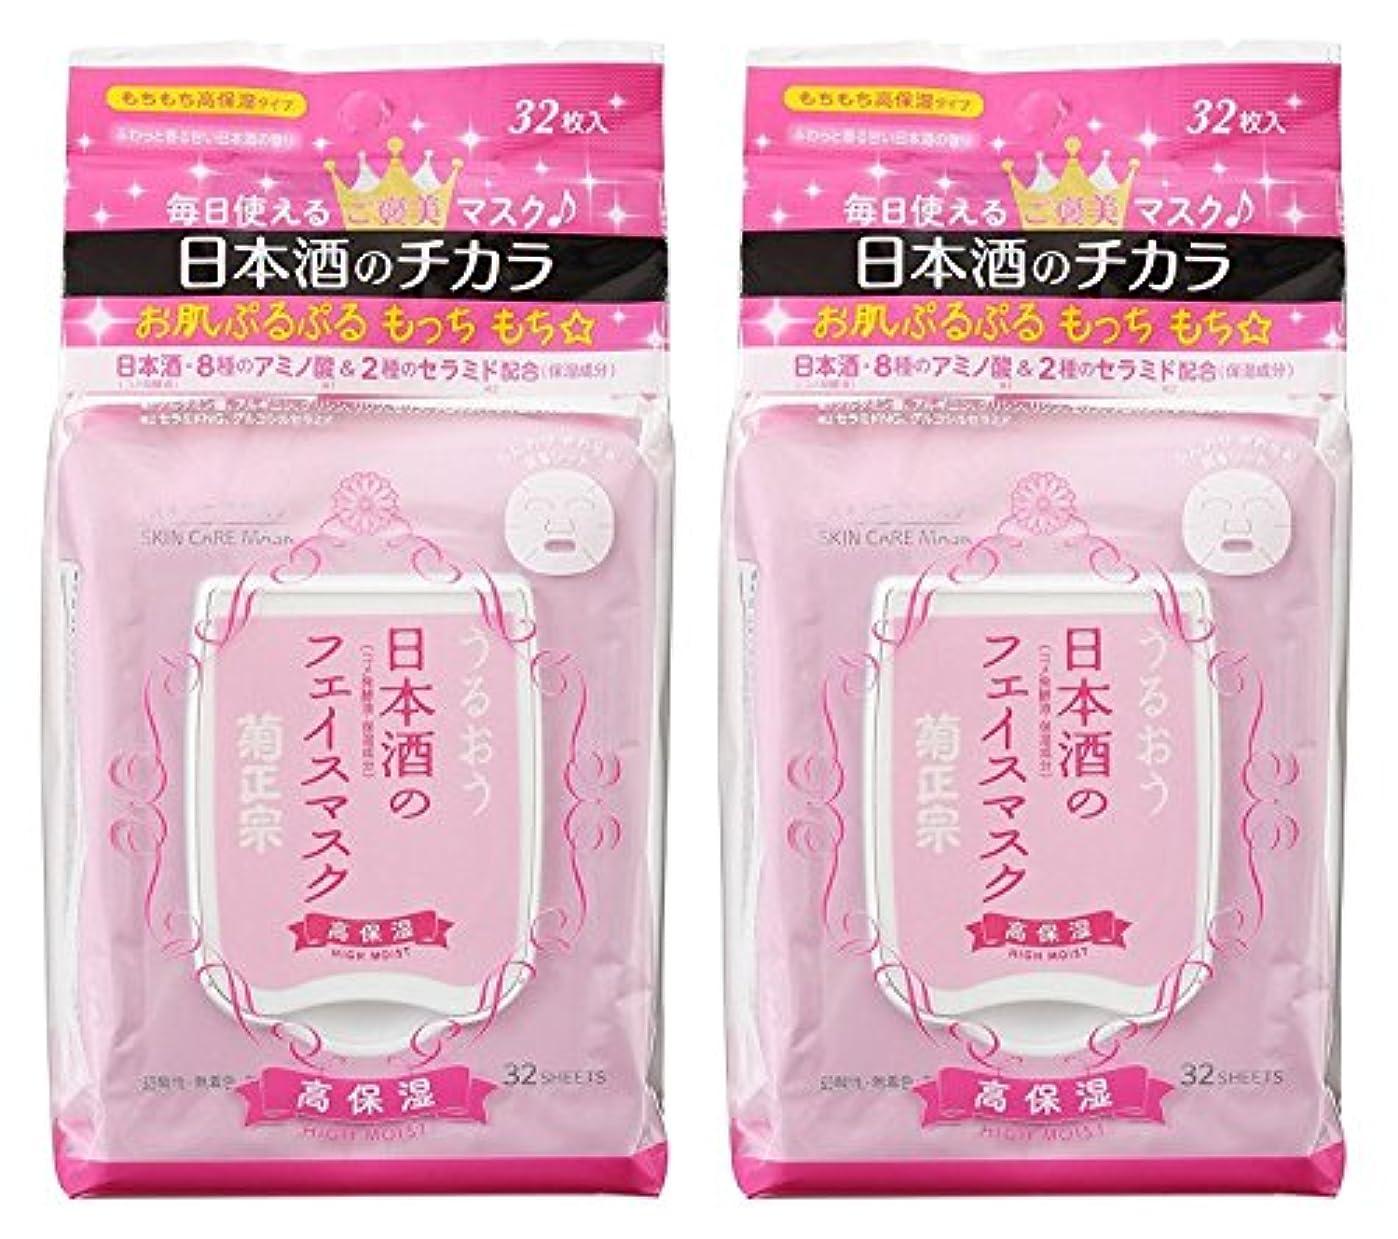 アドバイスクラシック先菊正宗 日本酒のフェイスマスク 高保湿 32枚入×2セット